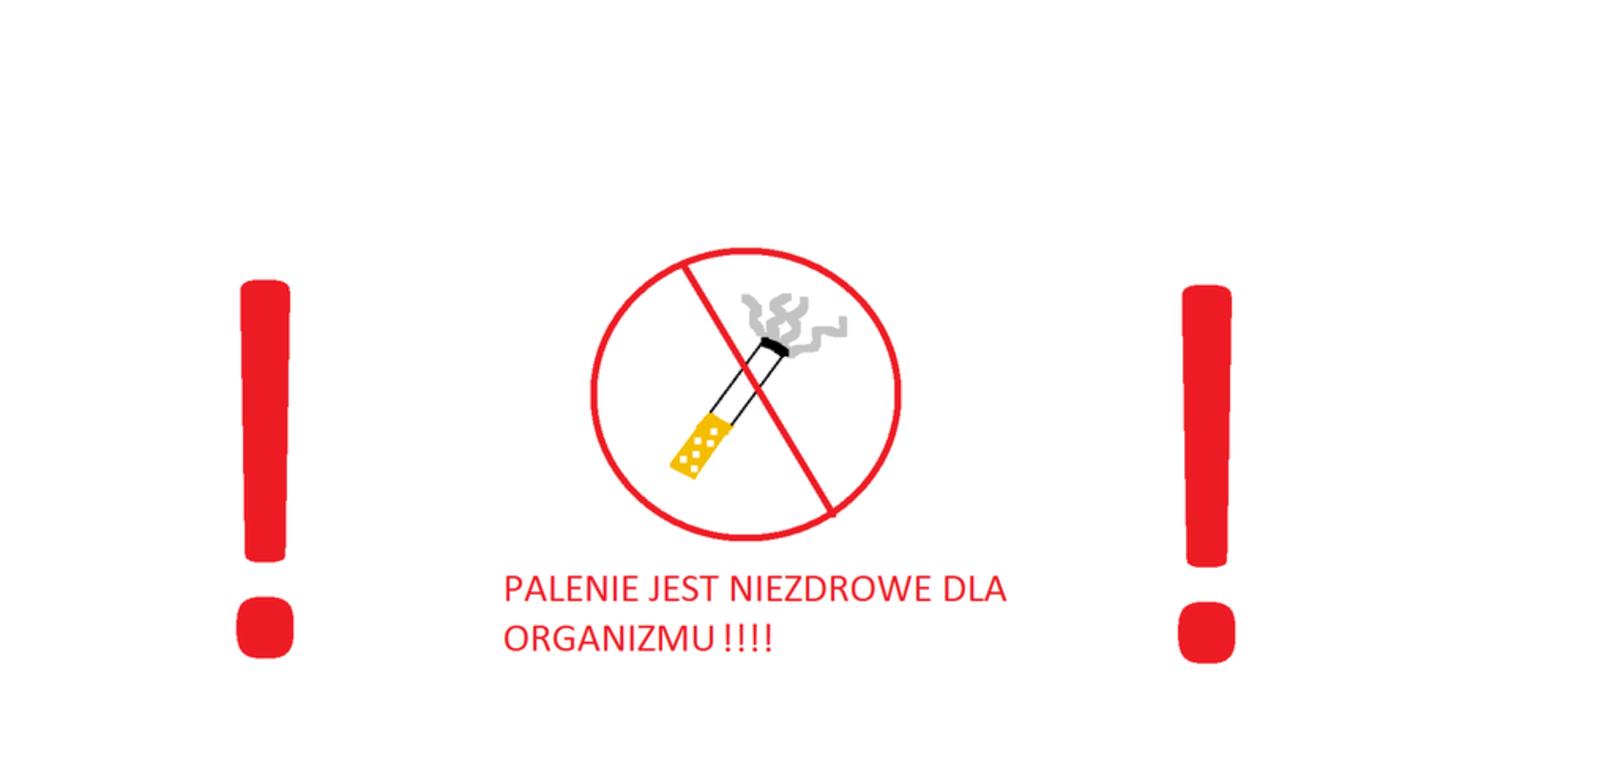 jablonski.png